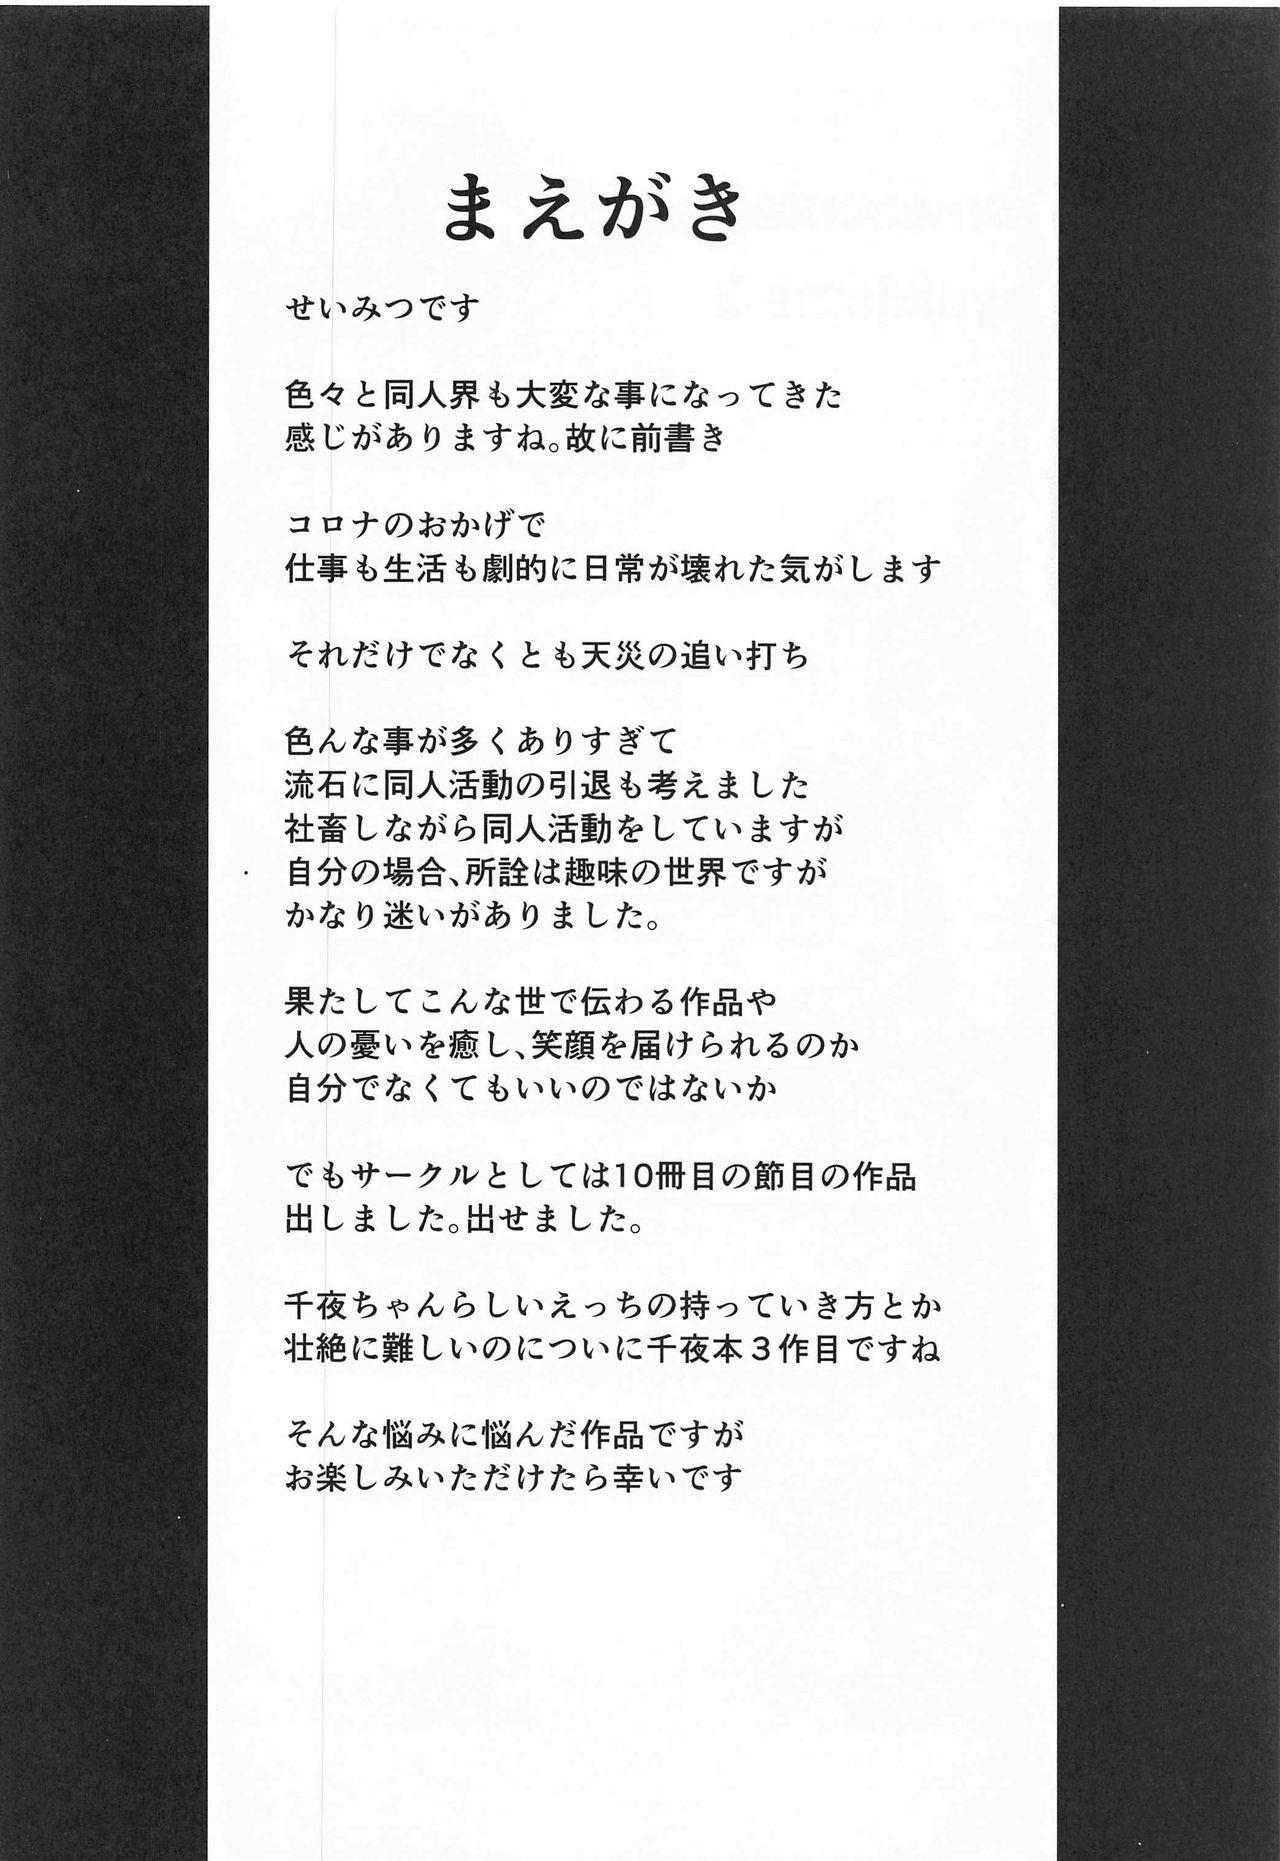 Koi no Maho to Shirayukihime 3